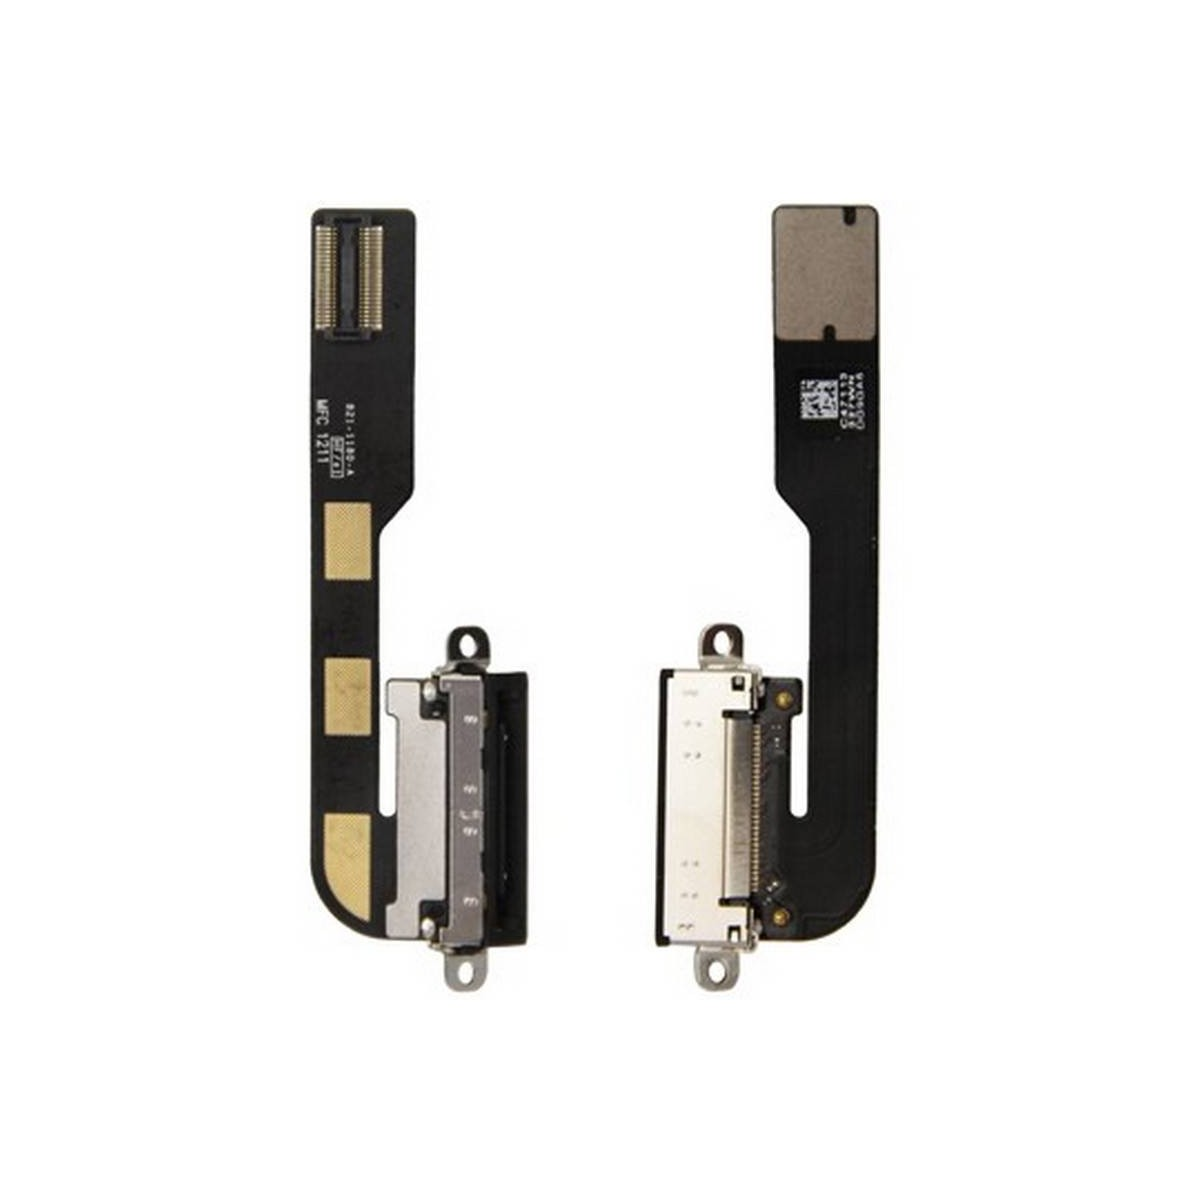 Cable Flex con Conector de Accesorios para iPAD 2 ORIGINAL